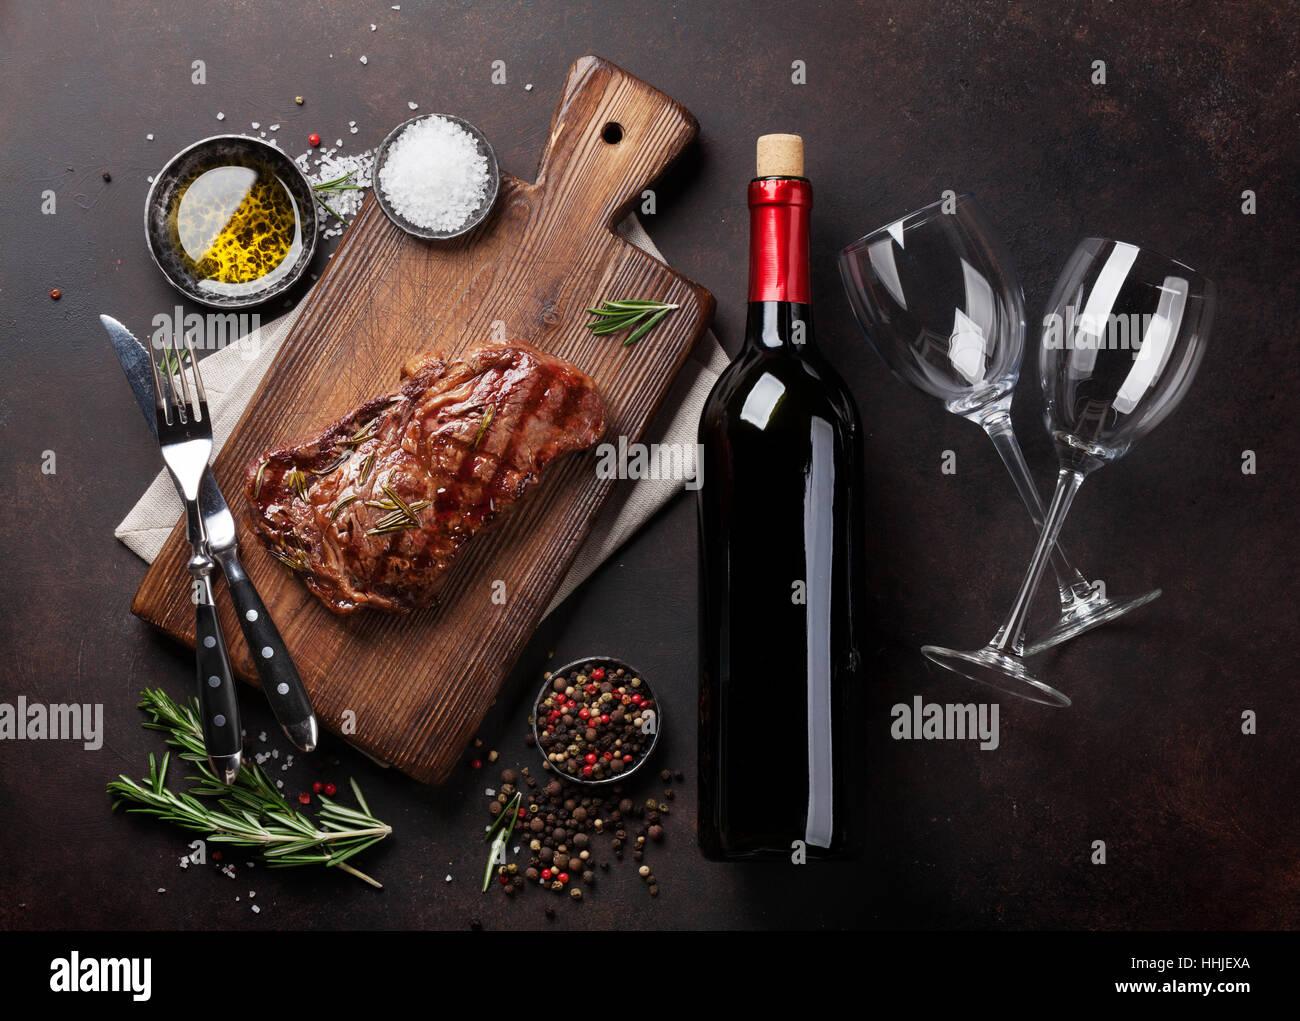 Gegrilltes Entrecote Rindfleisch mit Rotwein, Kräuter und Gewürze. Ansicht von oben Stockbild